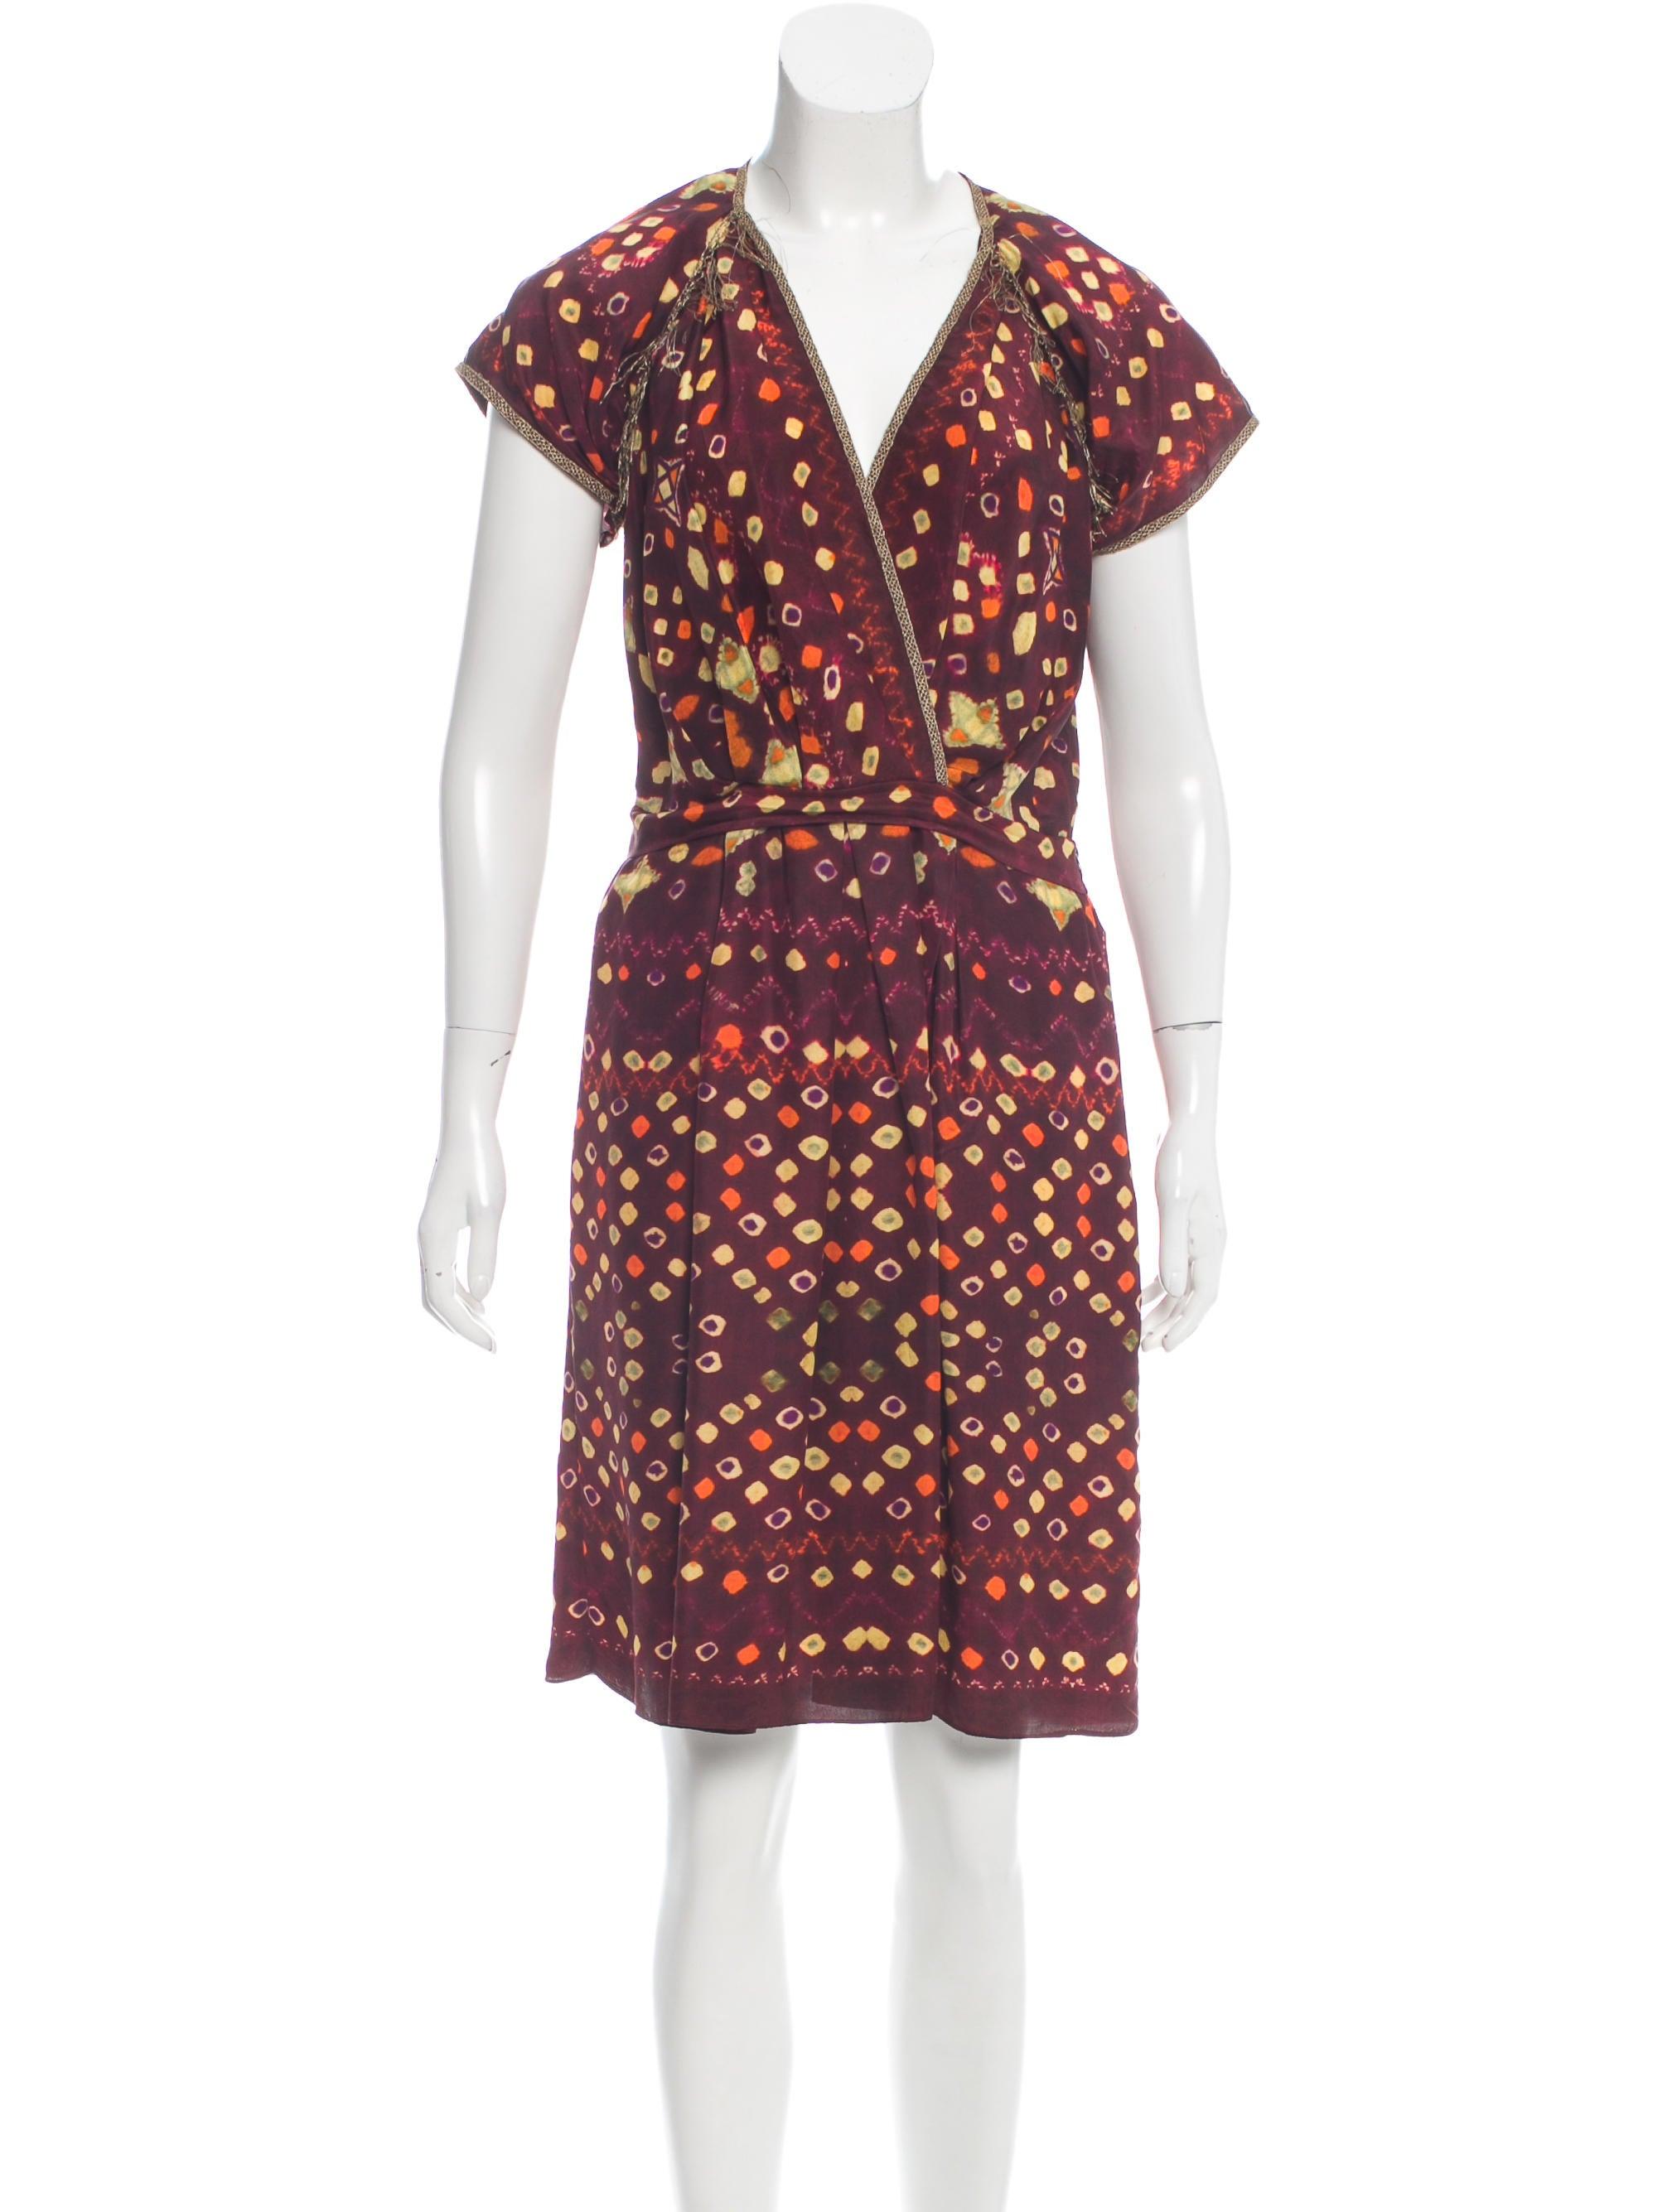 Isabel marant silk printed dress clothing isa39995 for Isabel marant shirt dress